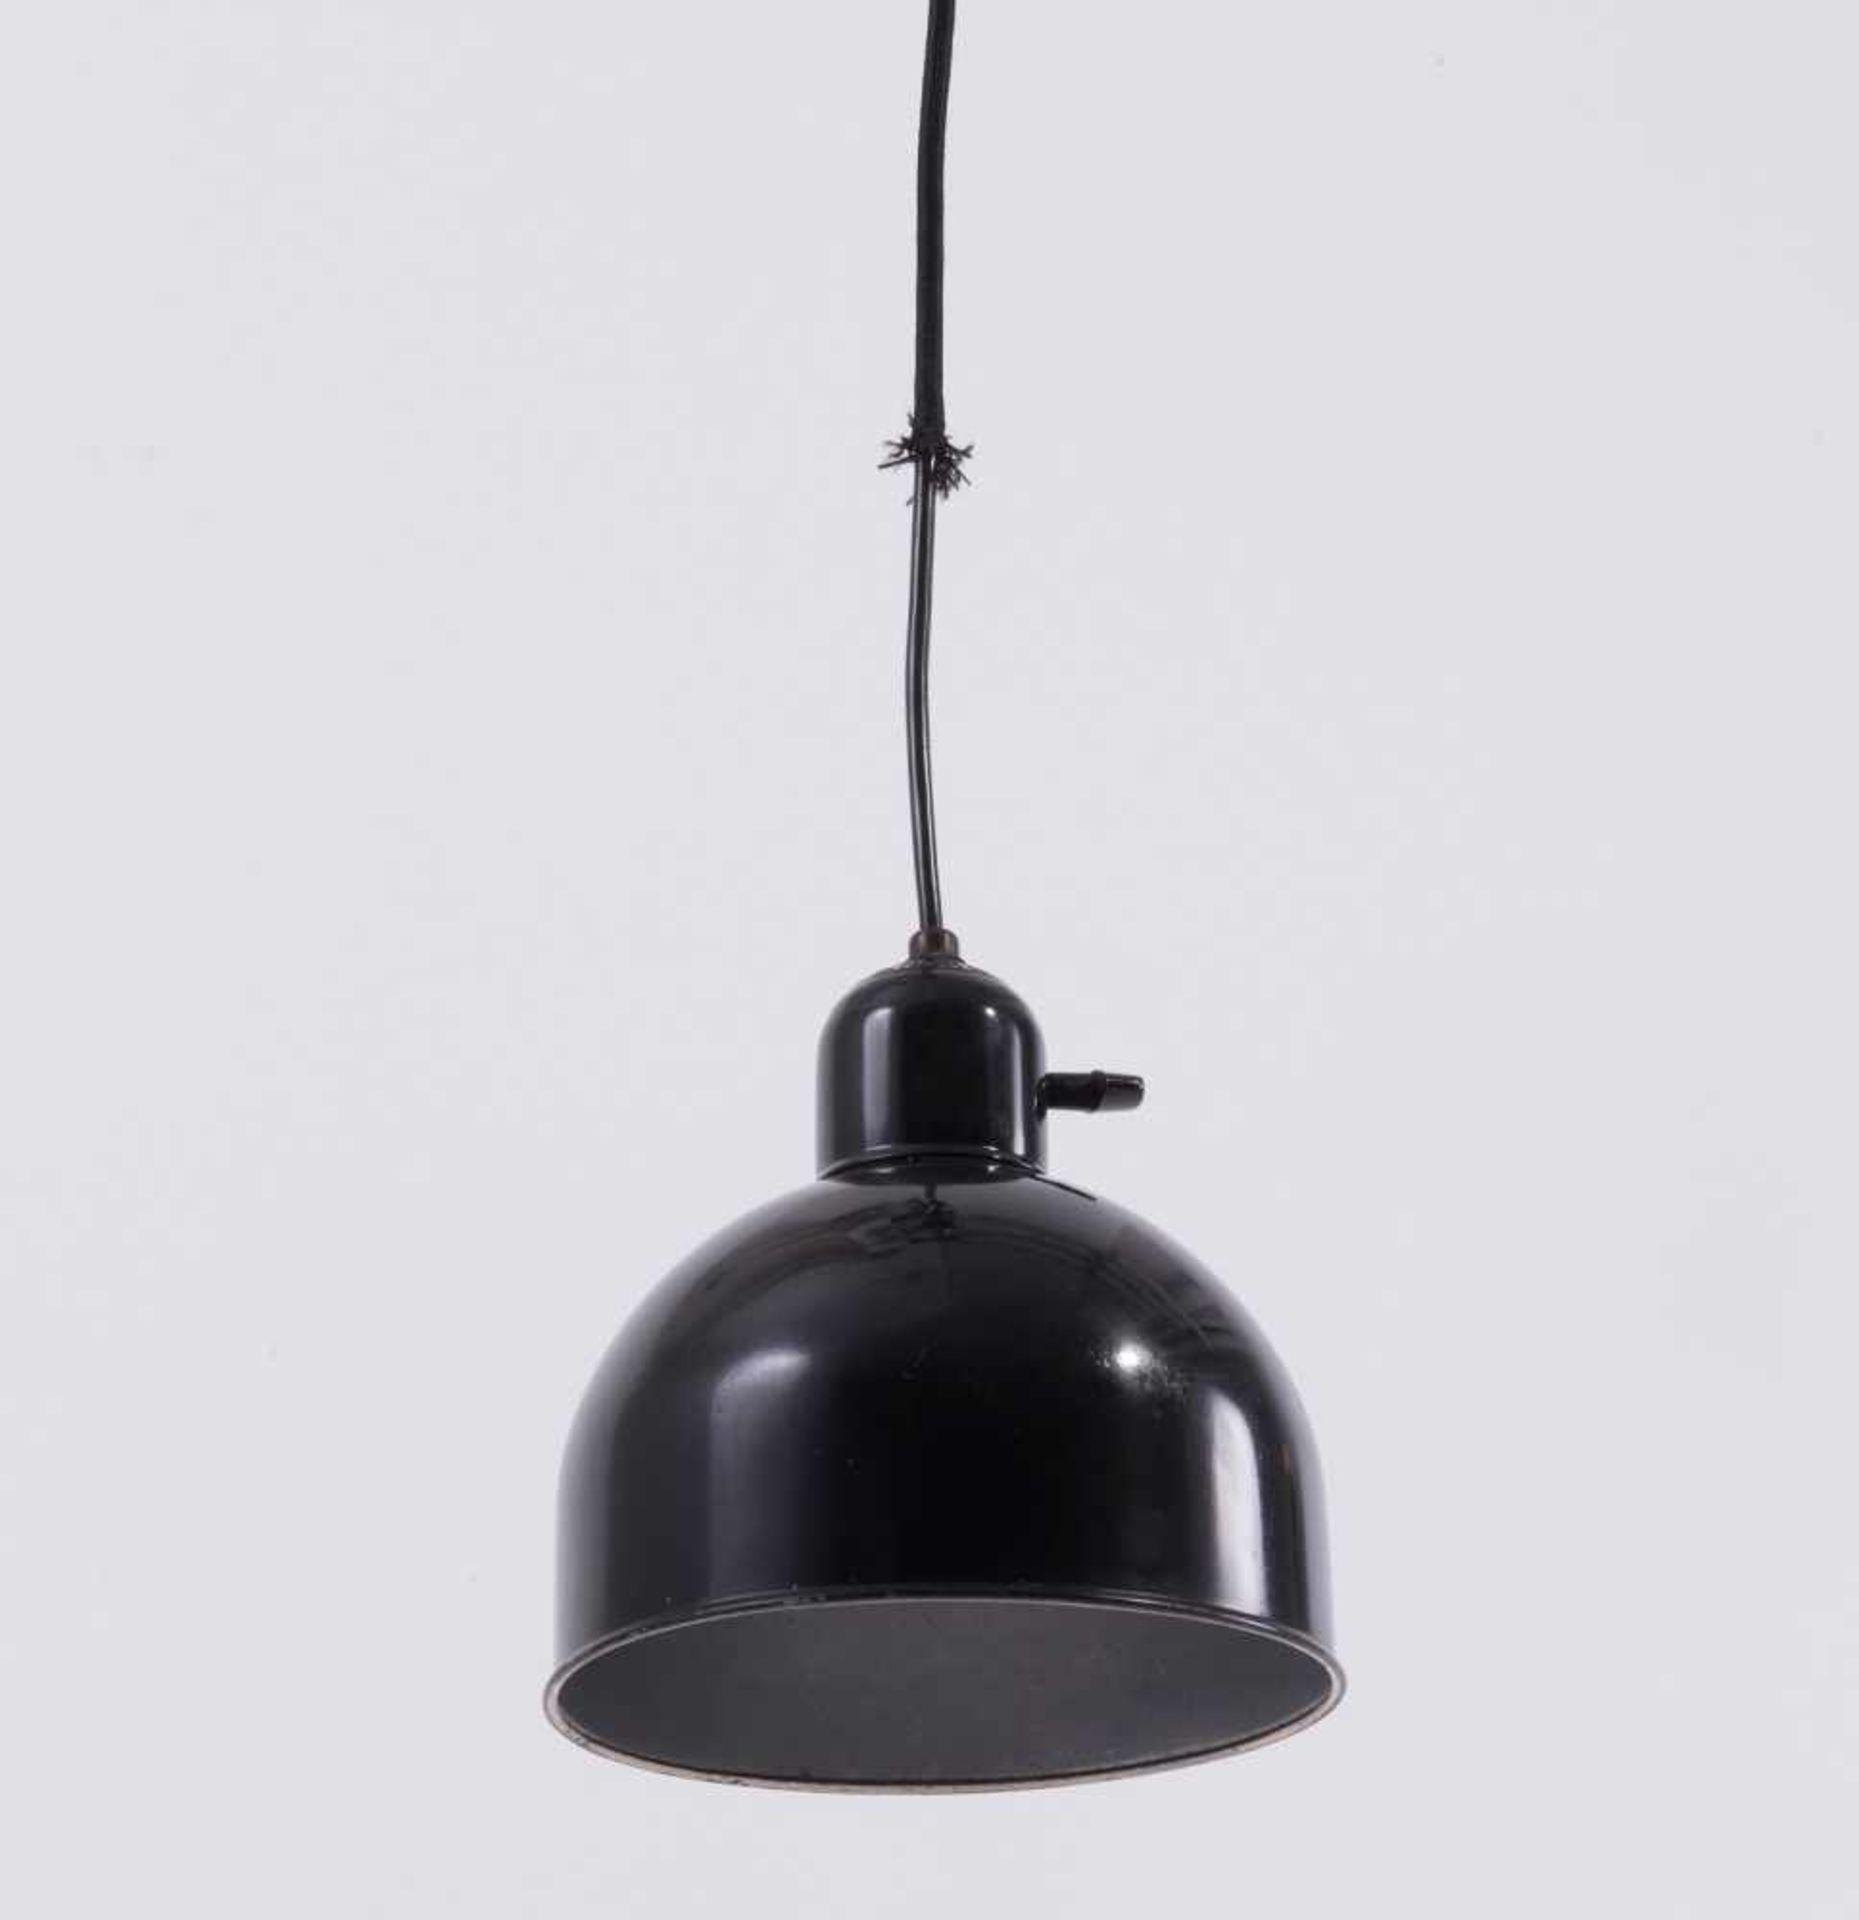 Los 48 - Christian Dell Deckenleuchte, um 1933/34 H. 19,5 cm, Dm. 18,5 cm (Schirm). Kaiser & Co., Neheim-